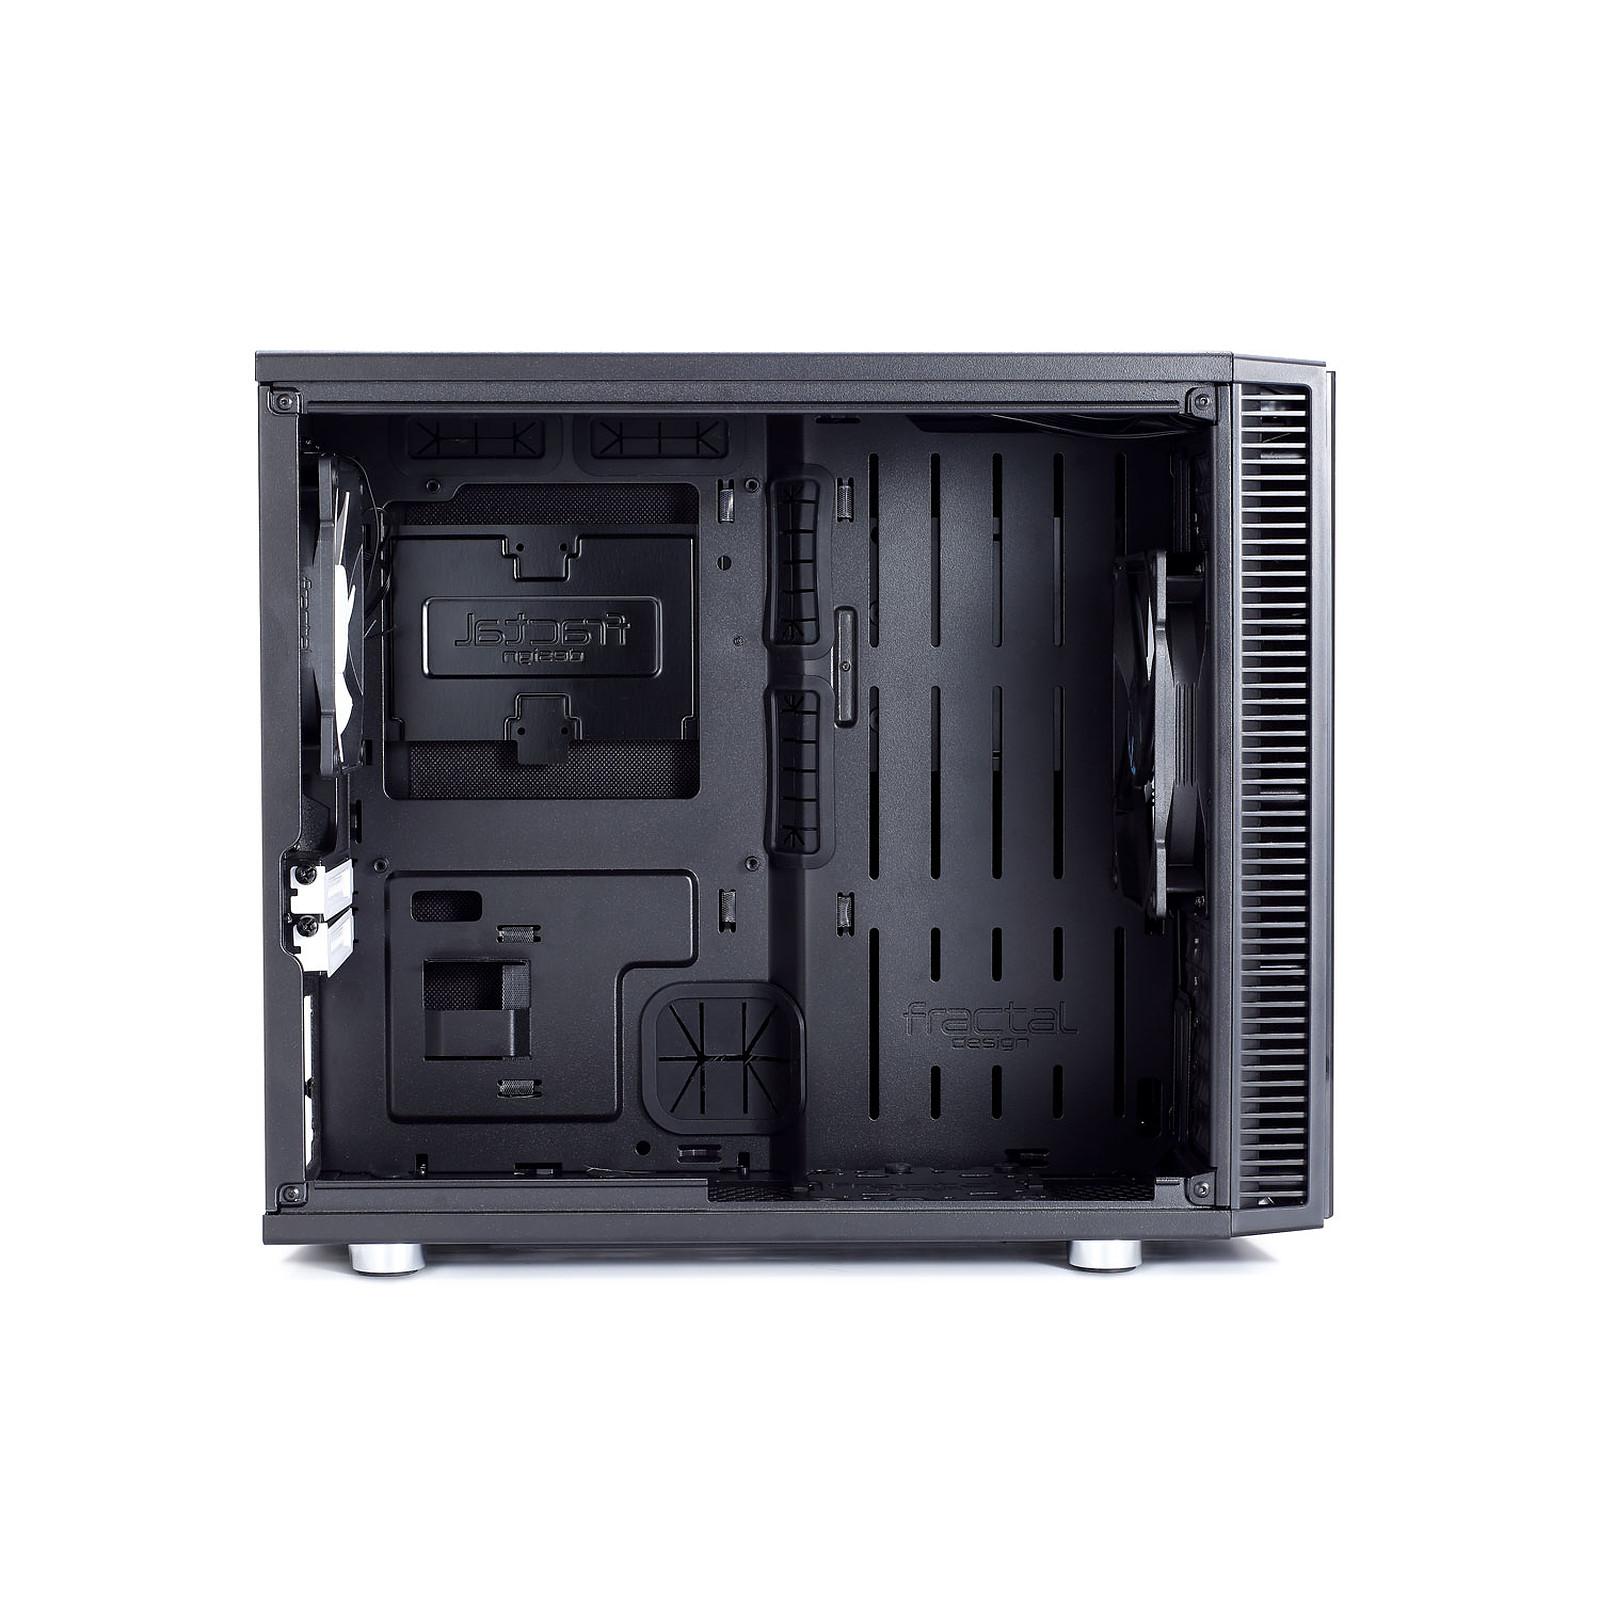 Boitier PC ITX Fractal Design Define Nano S Noir avec fenêtre sans alim, informatique ile de la Réunion 974